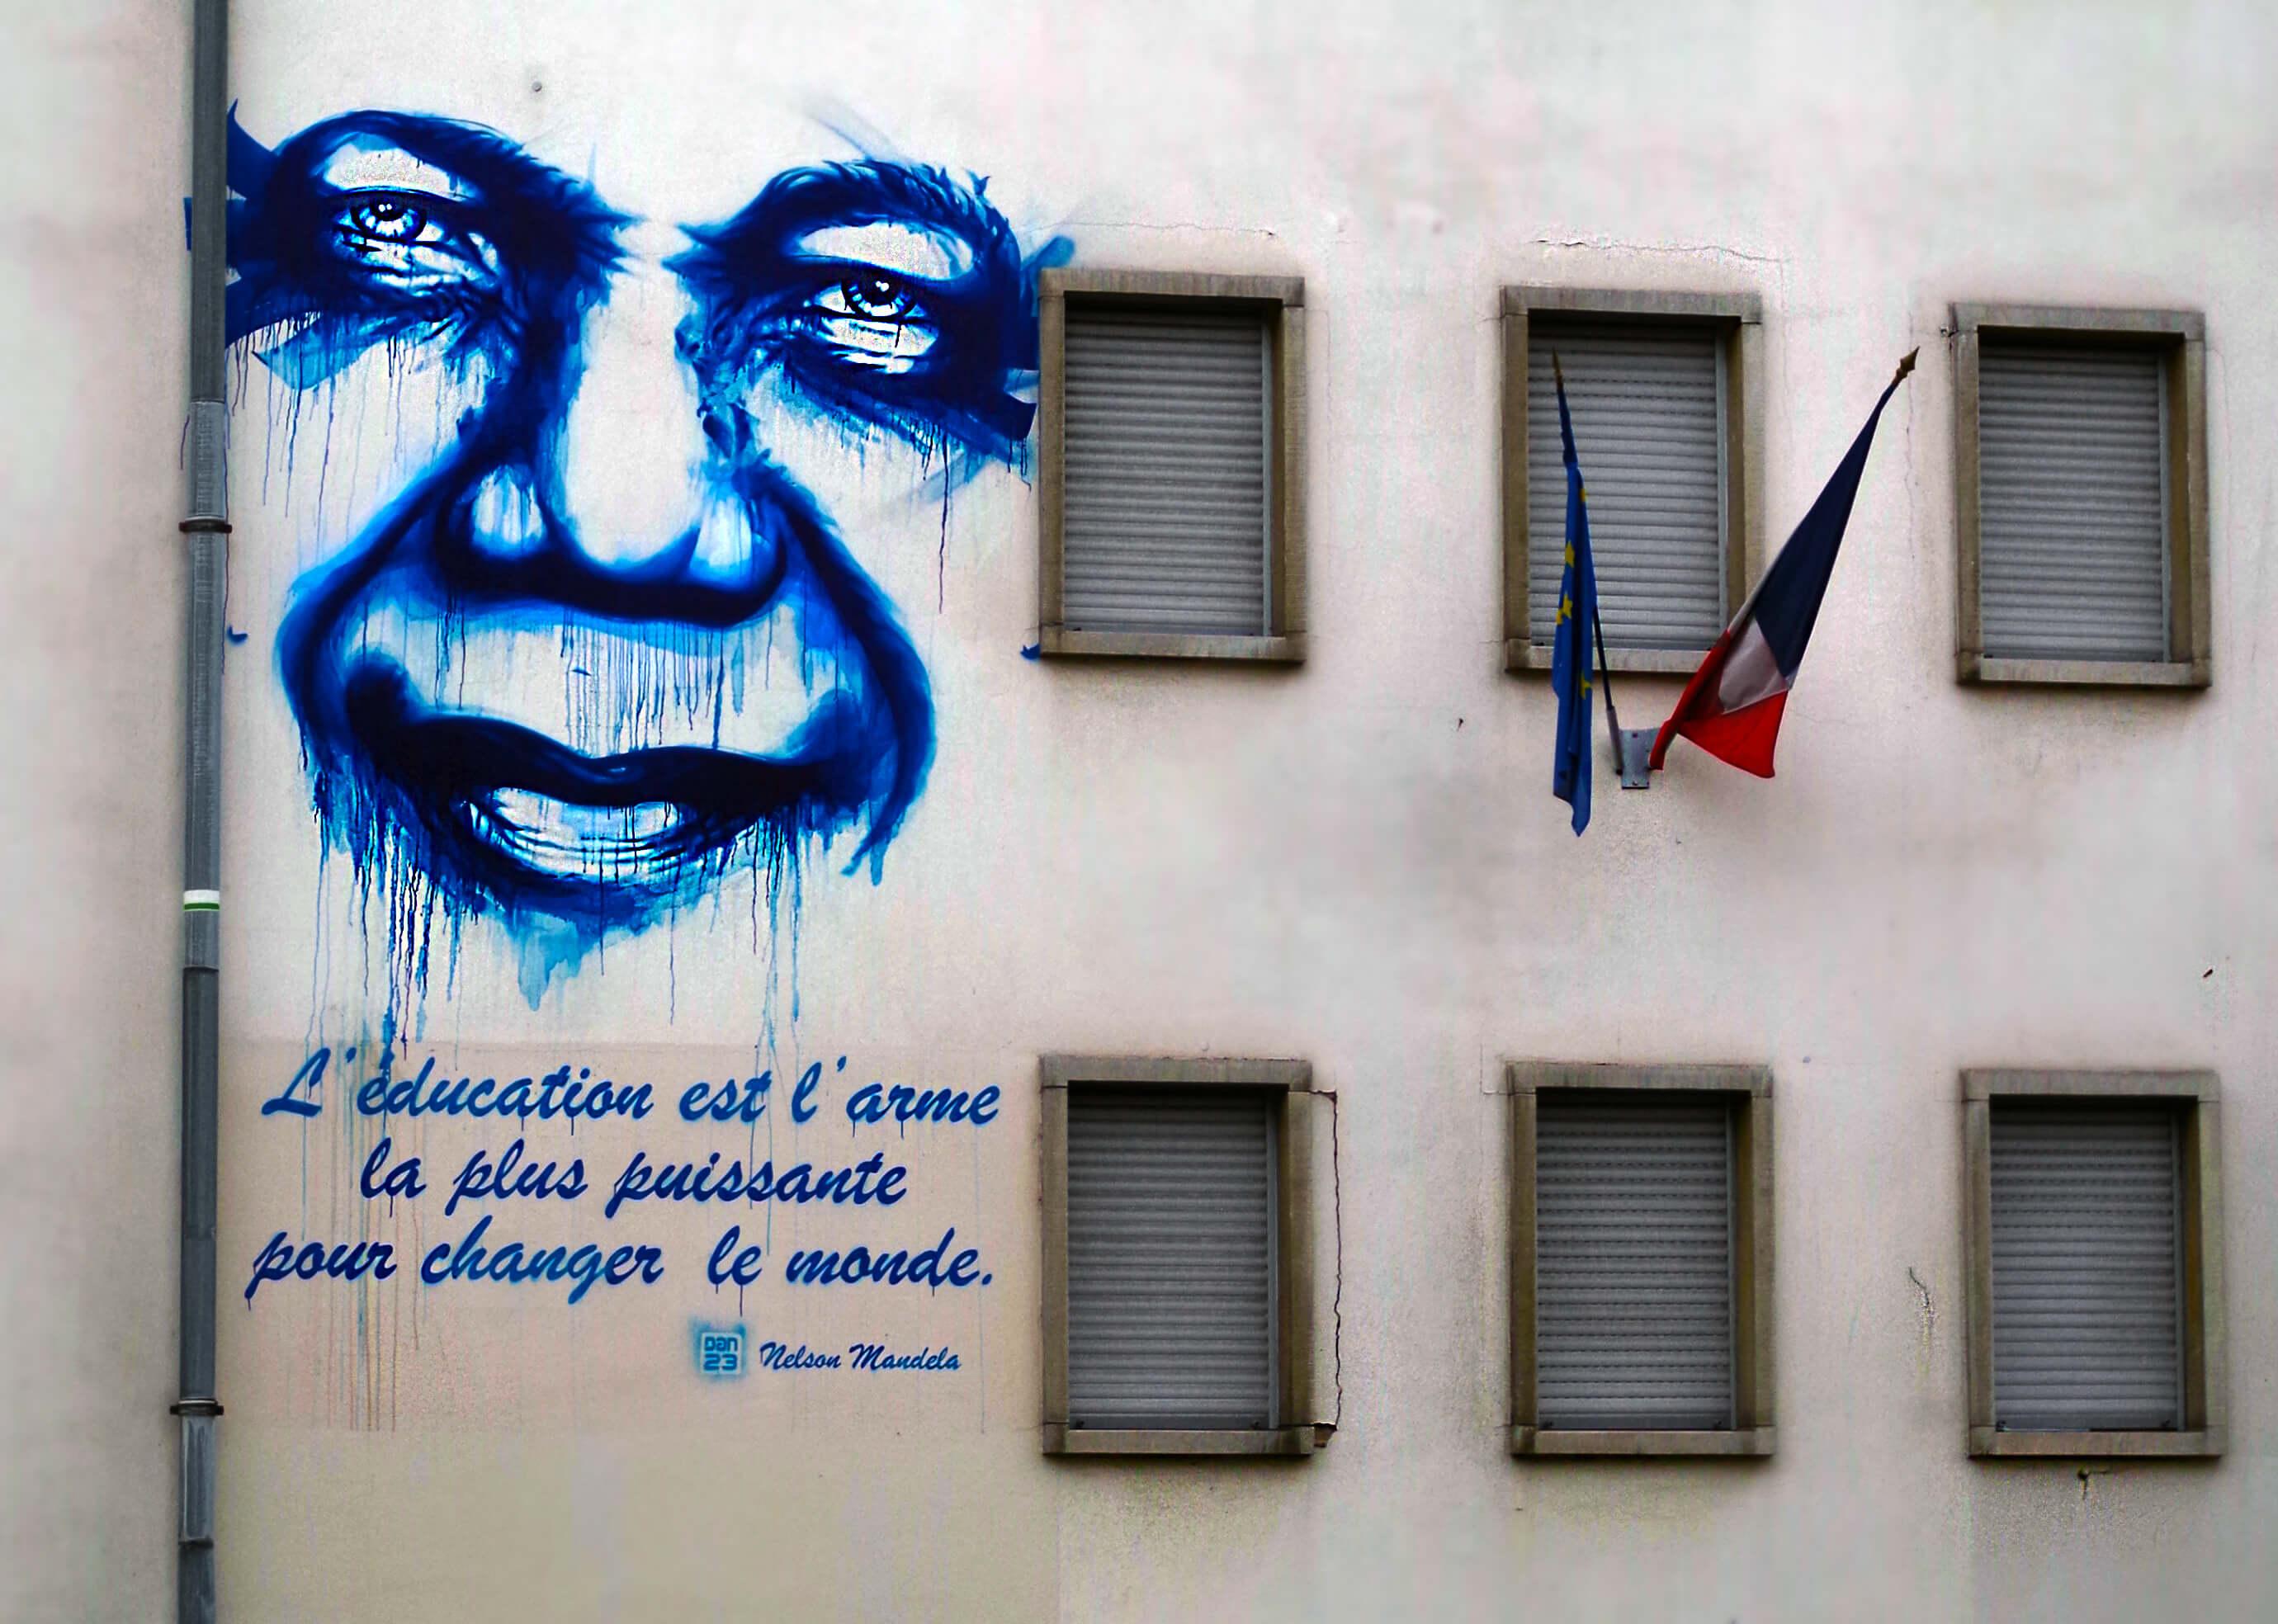 Nelson Mandela Spruch an Hauswand in Staßburg